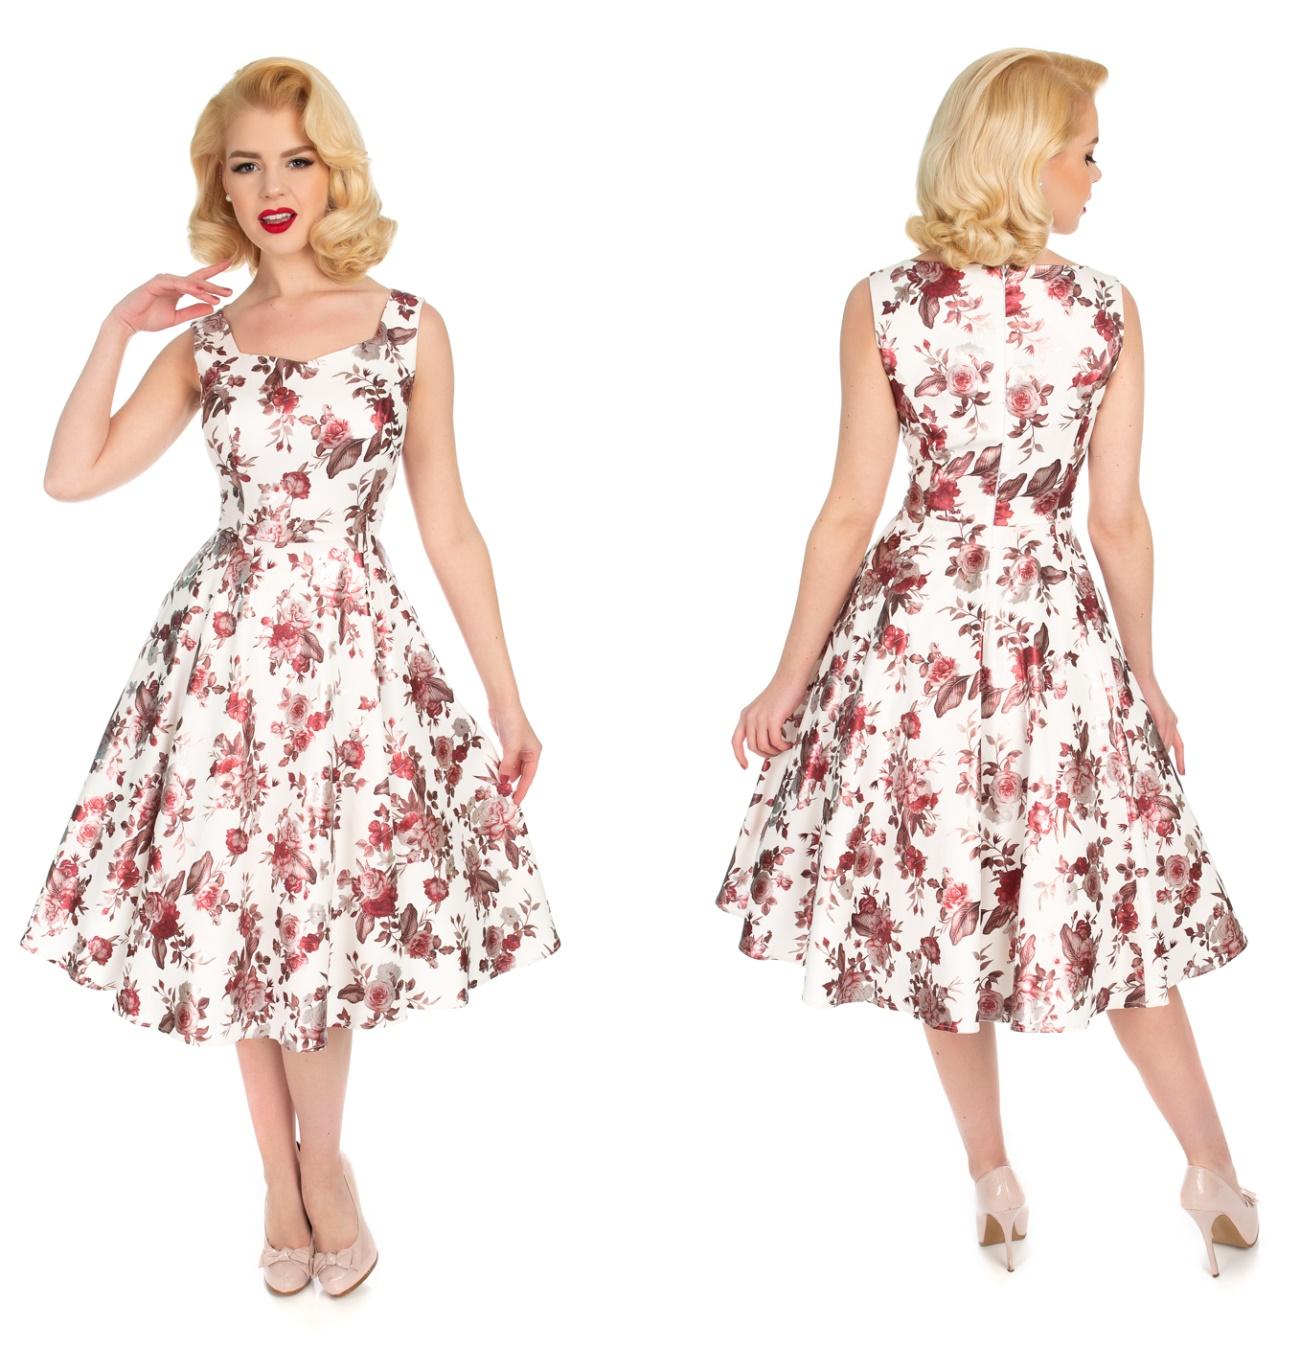 fe828e15fde4 Rock n Roll Kleid mit Metallic Rosen - Heart&Roses bei Shopbay Streetwear